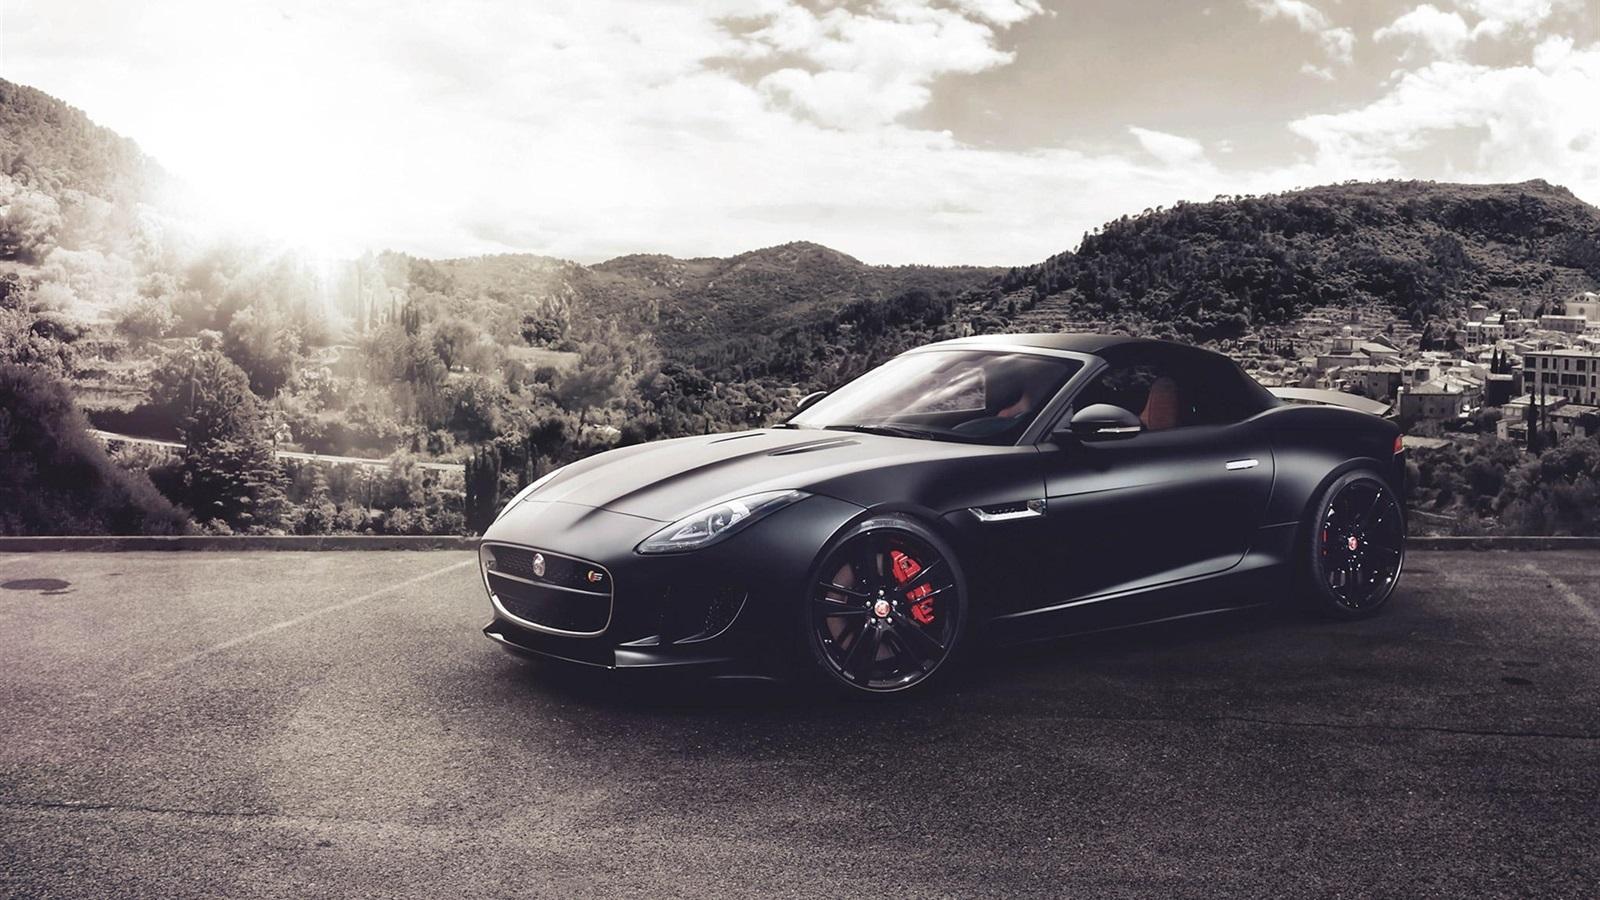 jaguar car 2017 wallpaper hd - photo #43